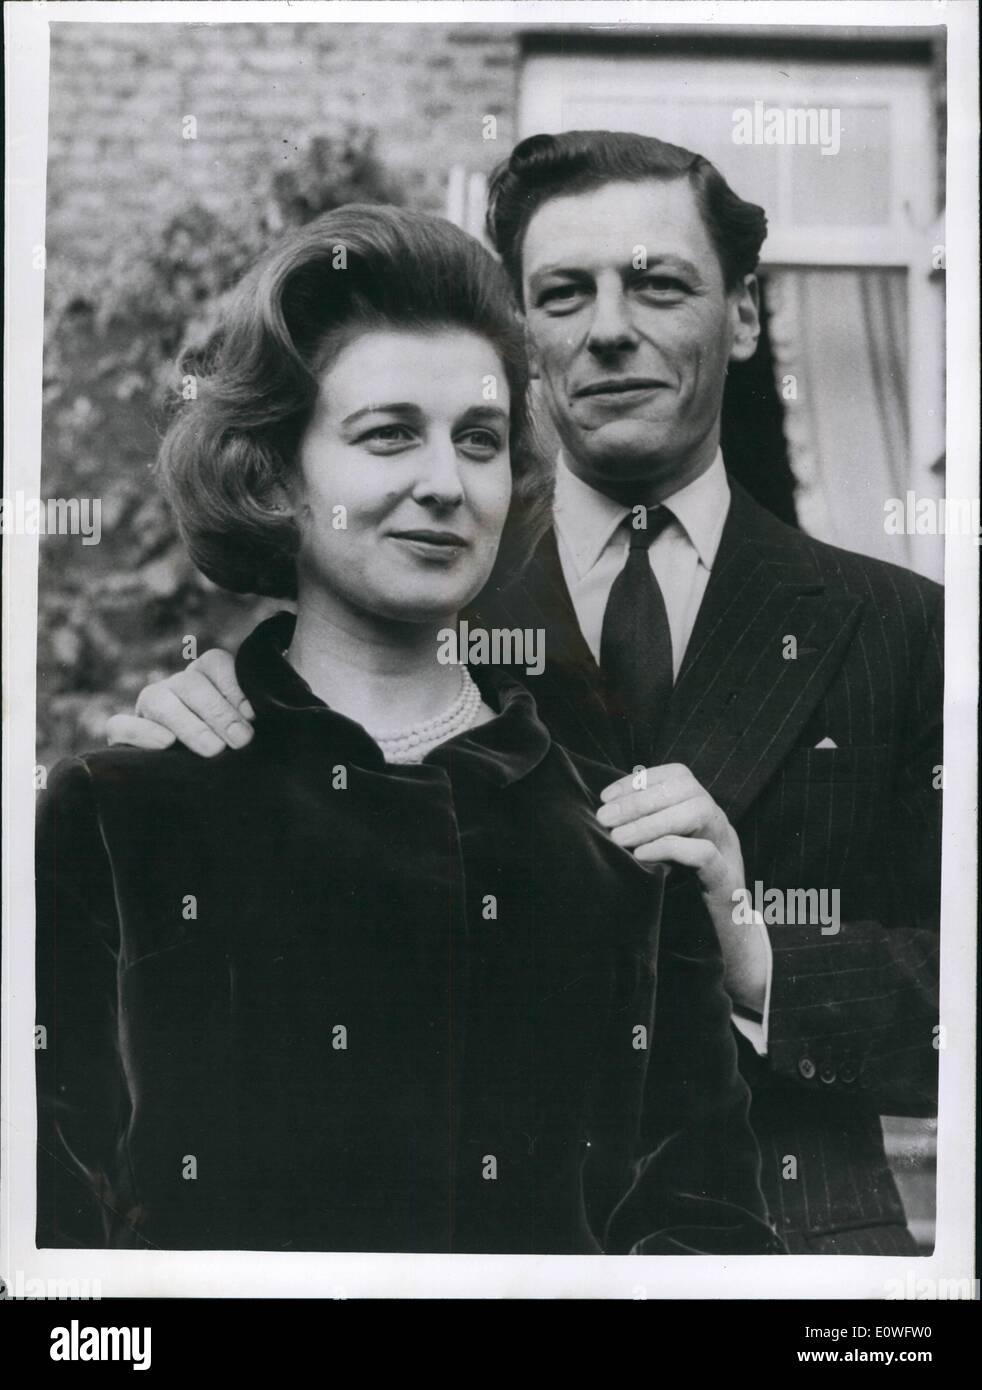 nov-11-1962-princess-alexandra-and-angus-ogilvy-poses-for-photographers-E0WFW0.jpg